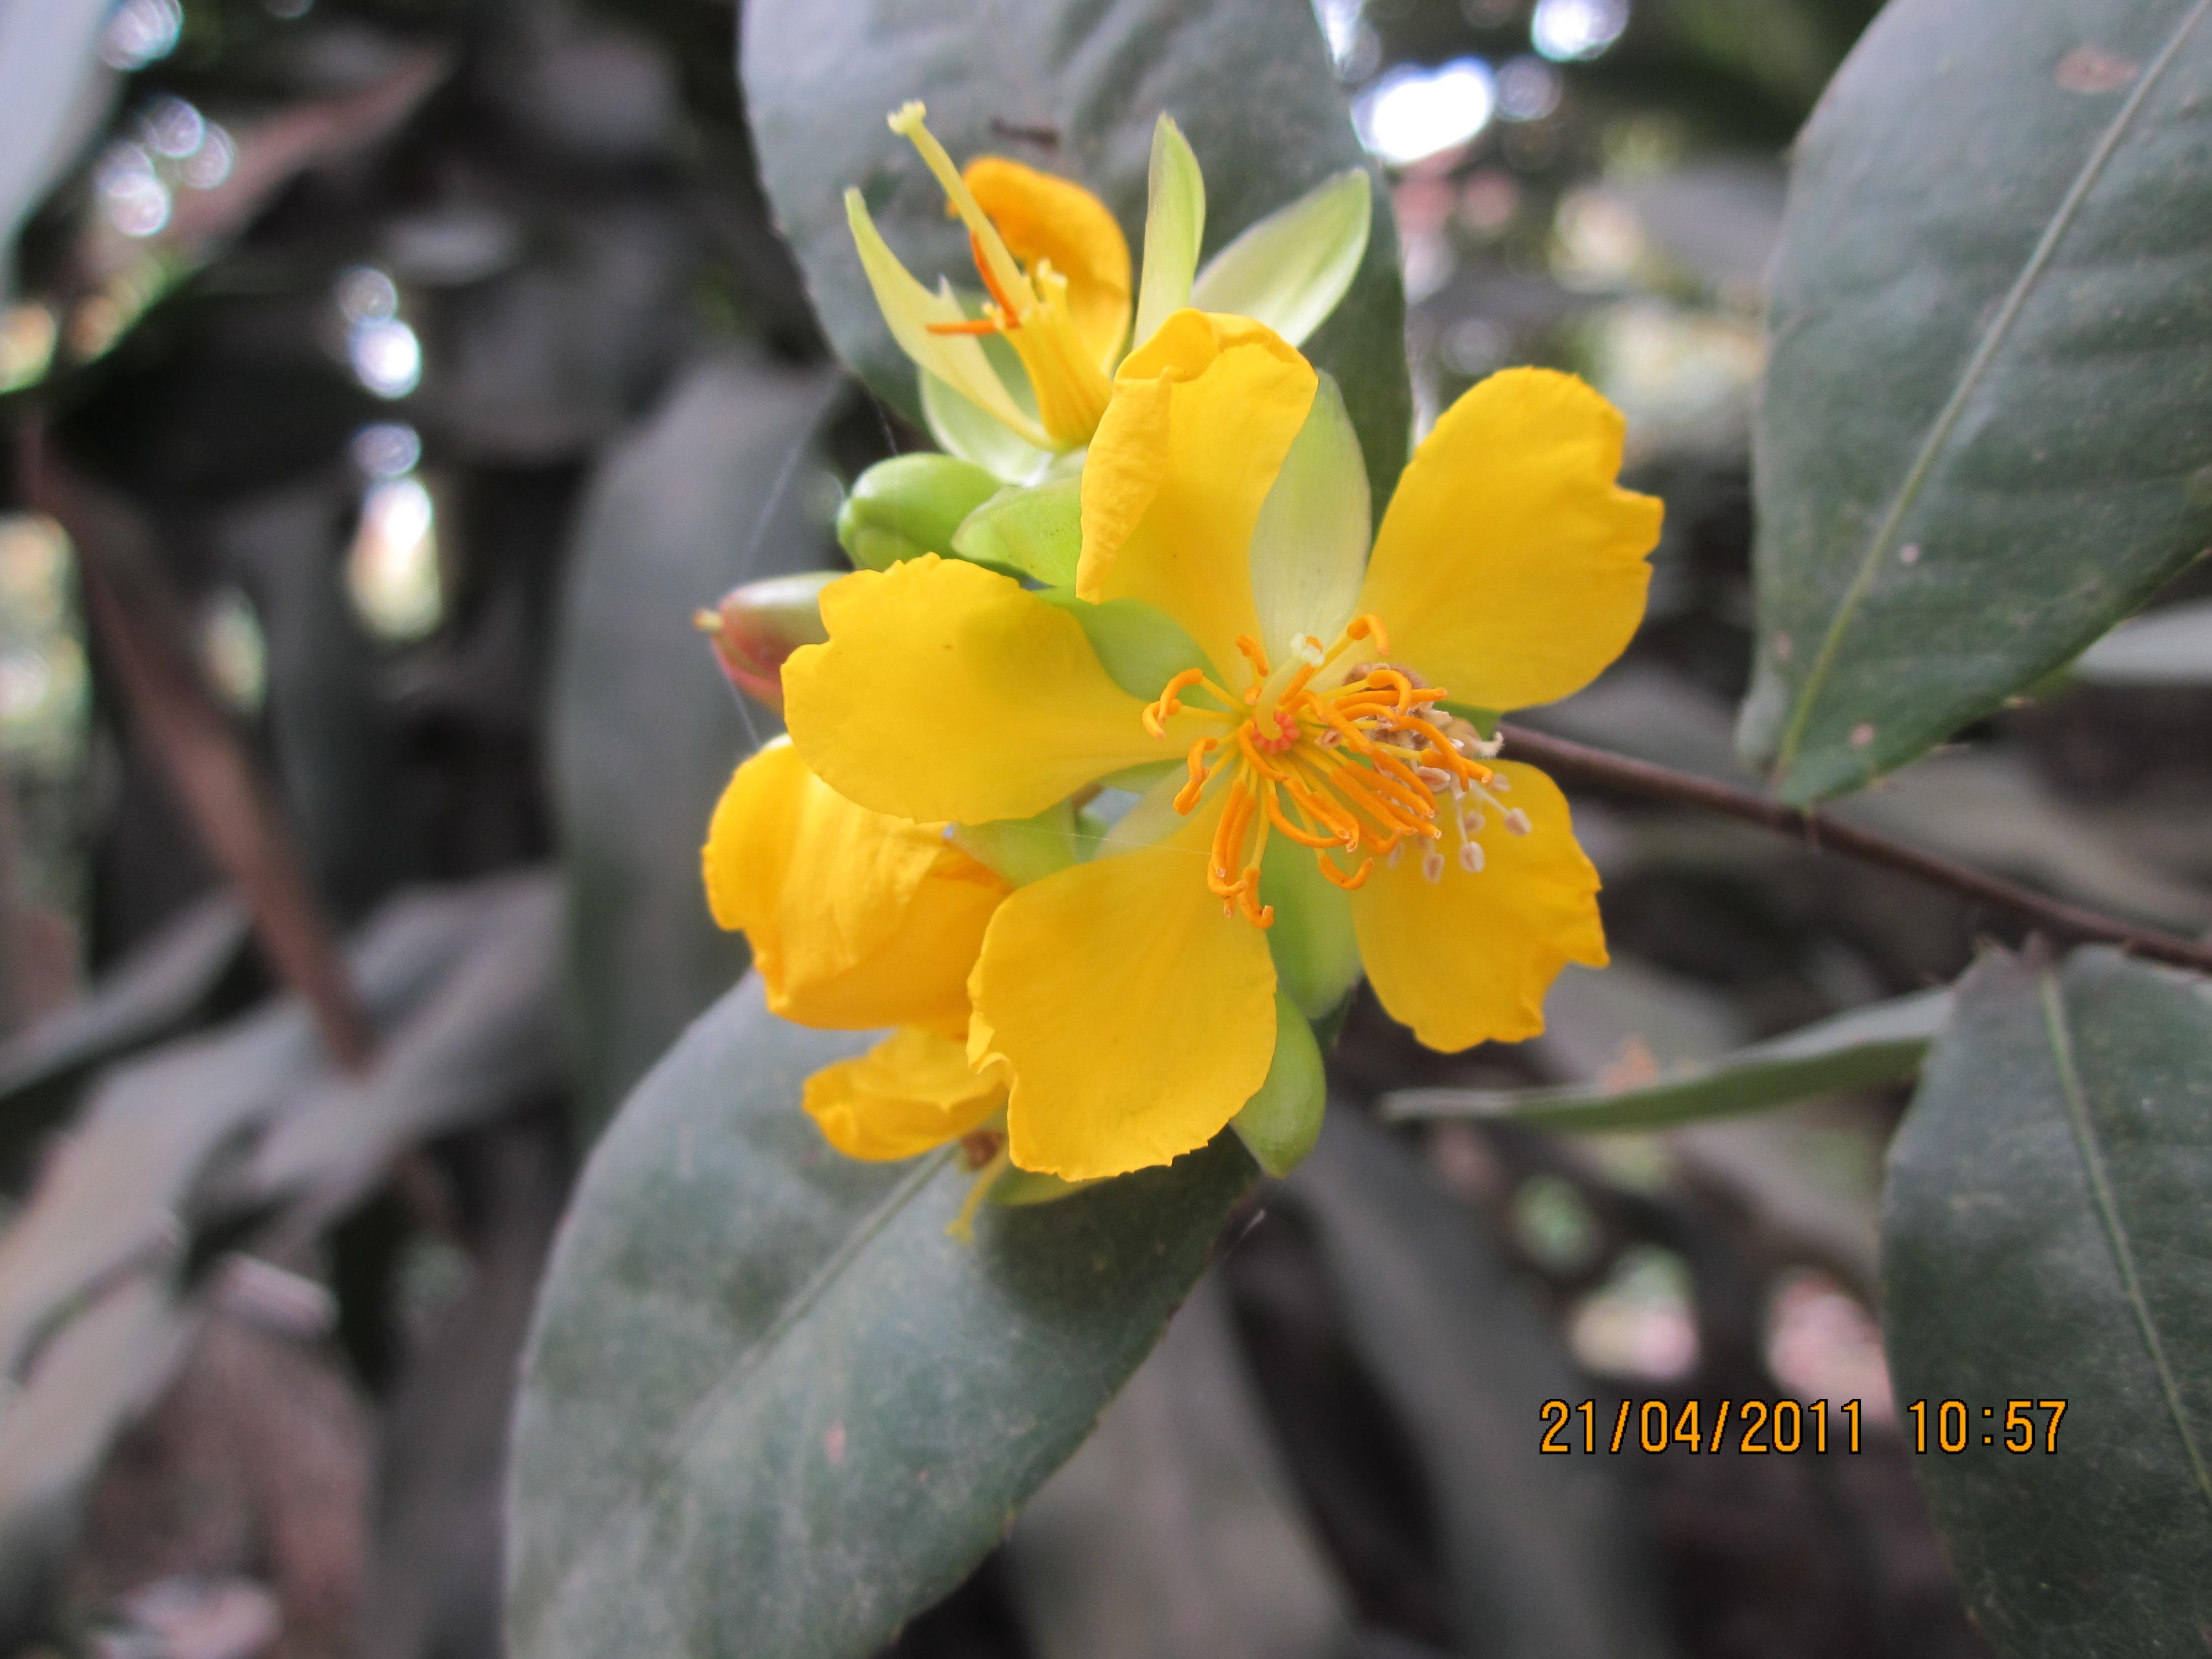 Hình ảnh hai bông hoa mai vàng cực đẹp